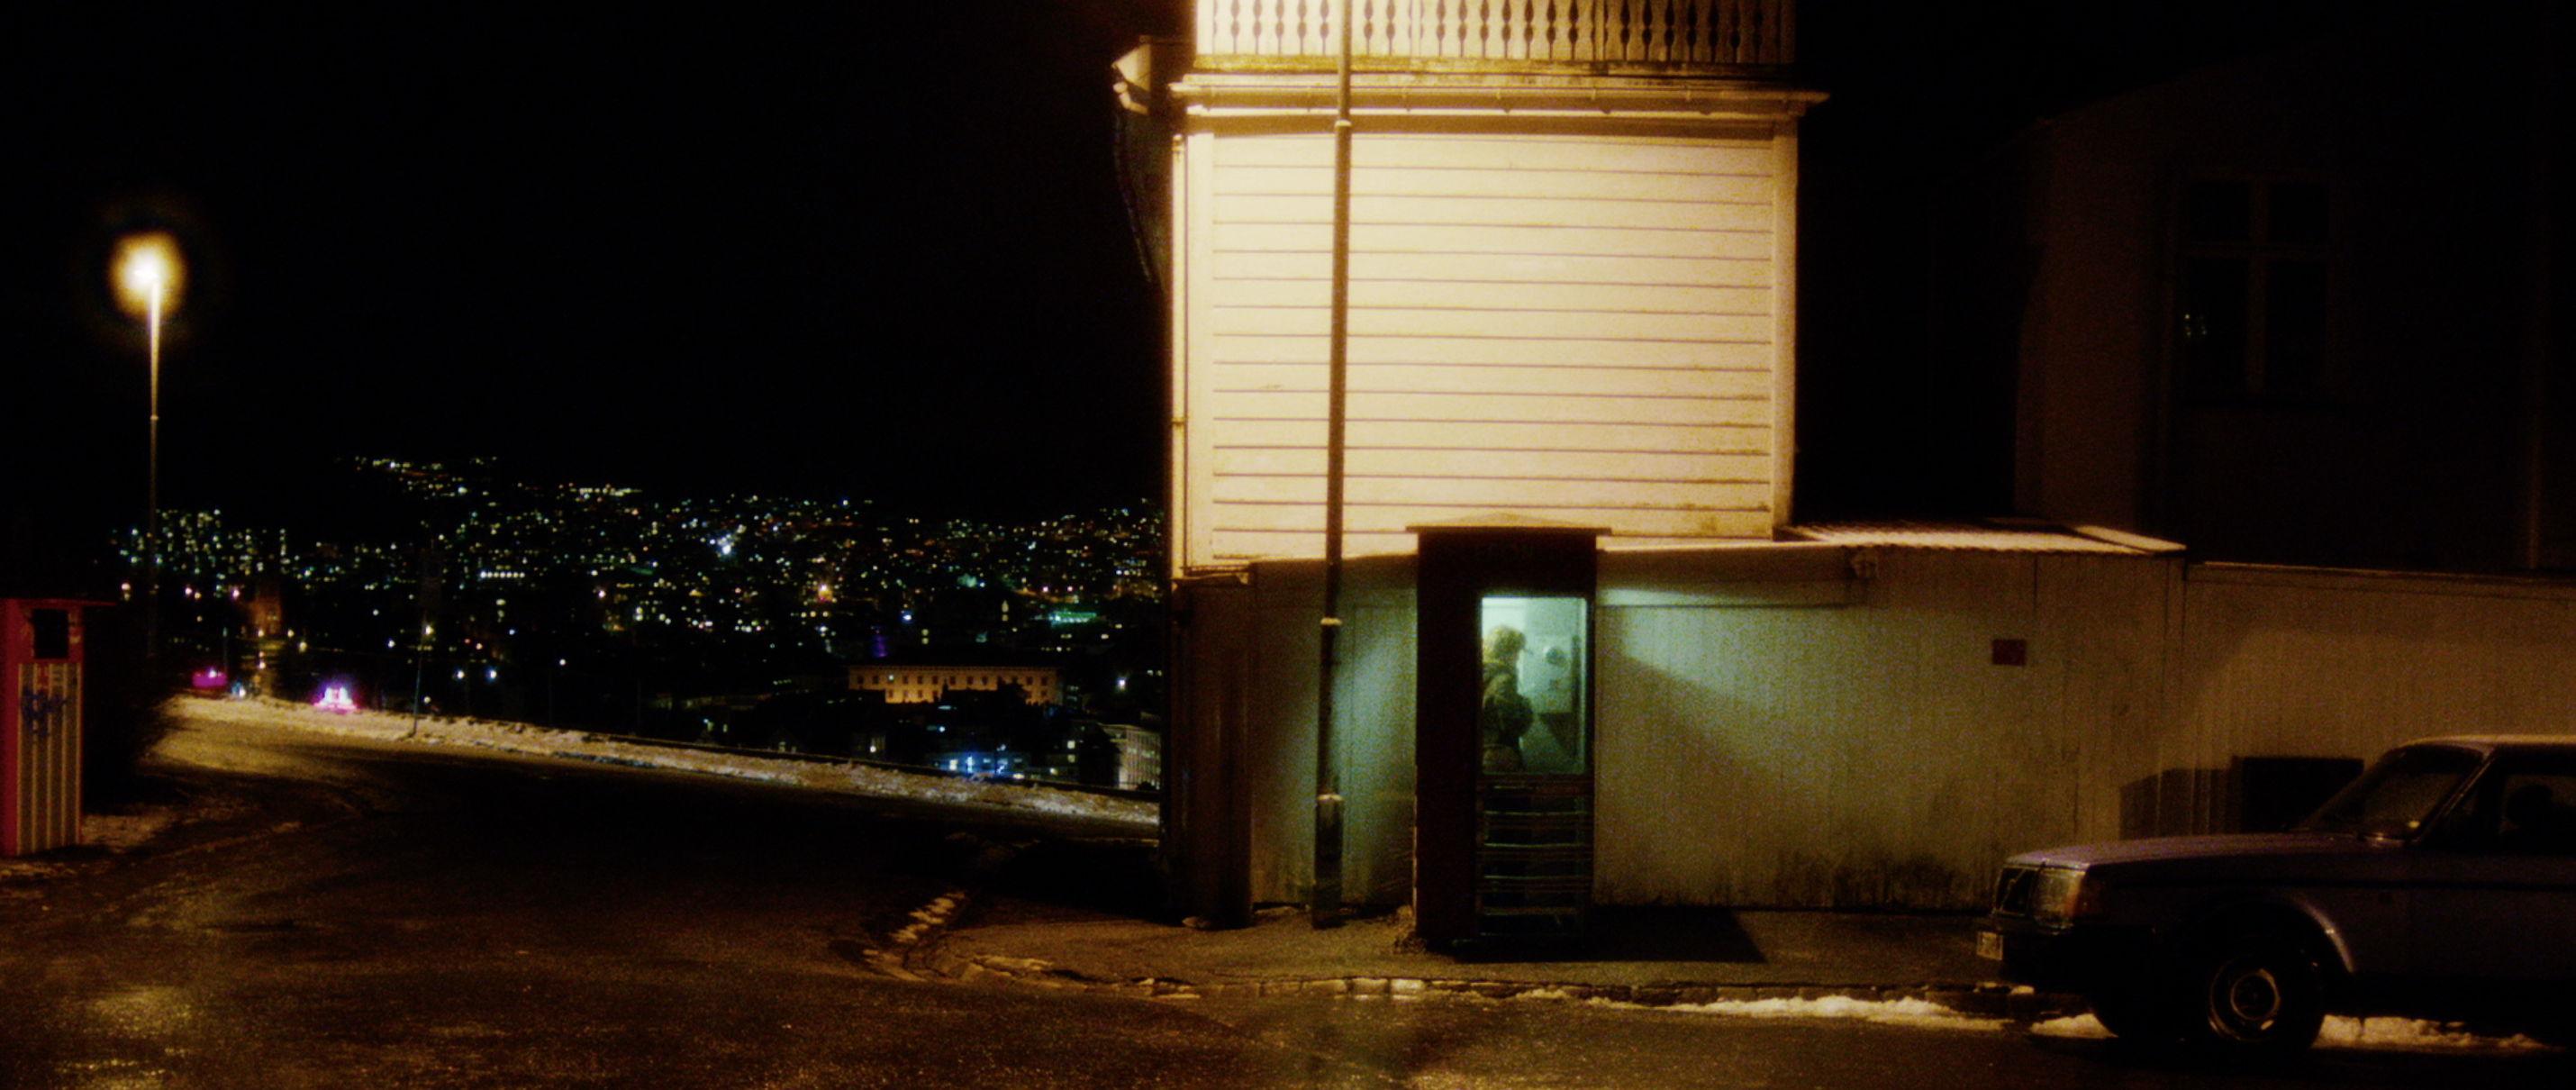 Zwei Leben - Two Lives - Katrine Nachts in einer Telefonzelle - Regie Georg Maas - Regie und Kamera Judith Kaufmann